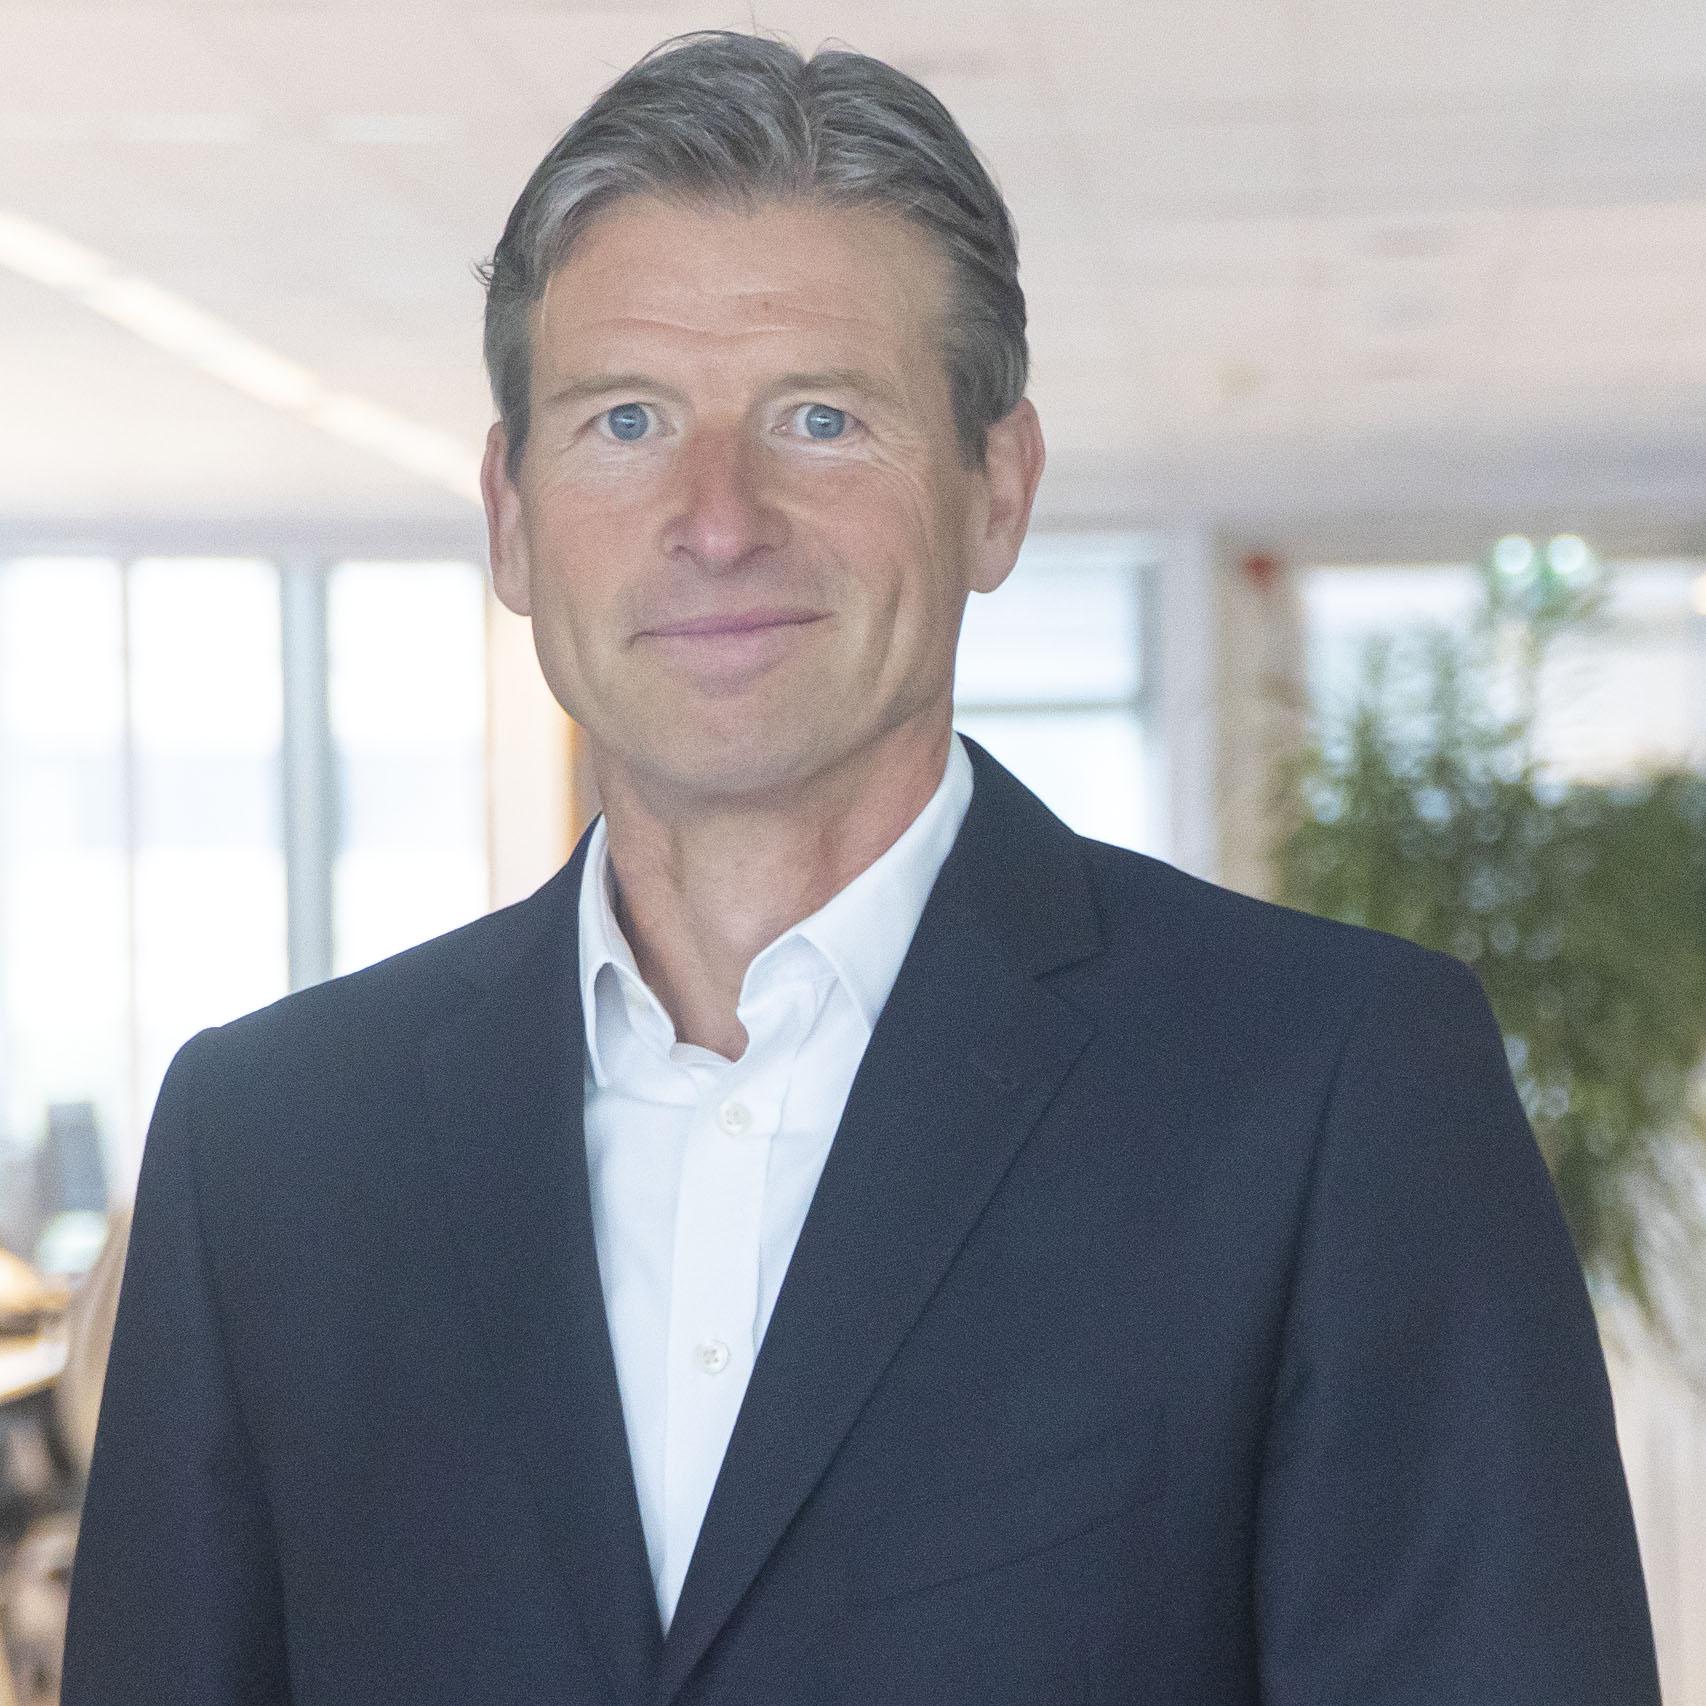 Portretfoto Ron van Overhagen